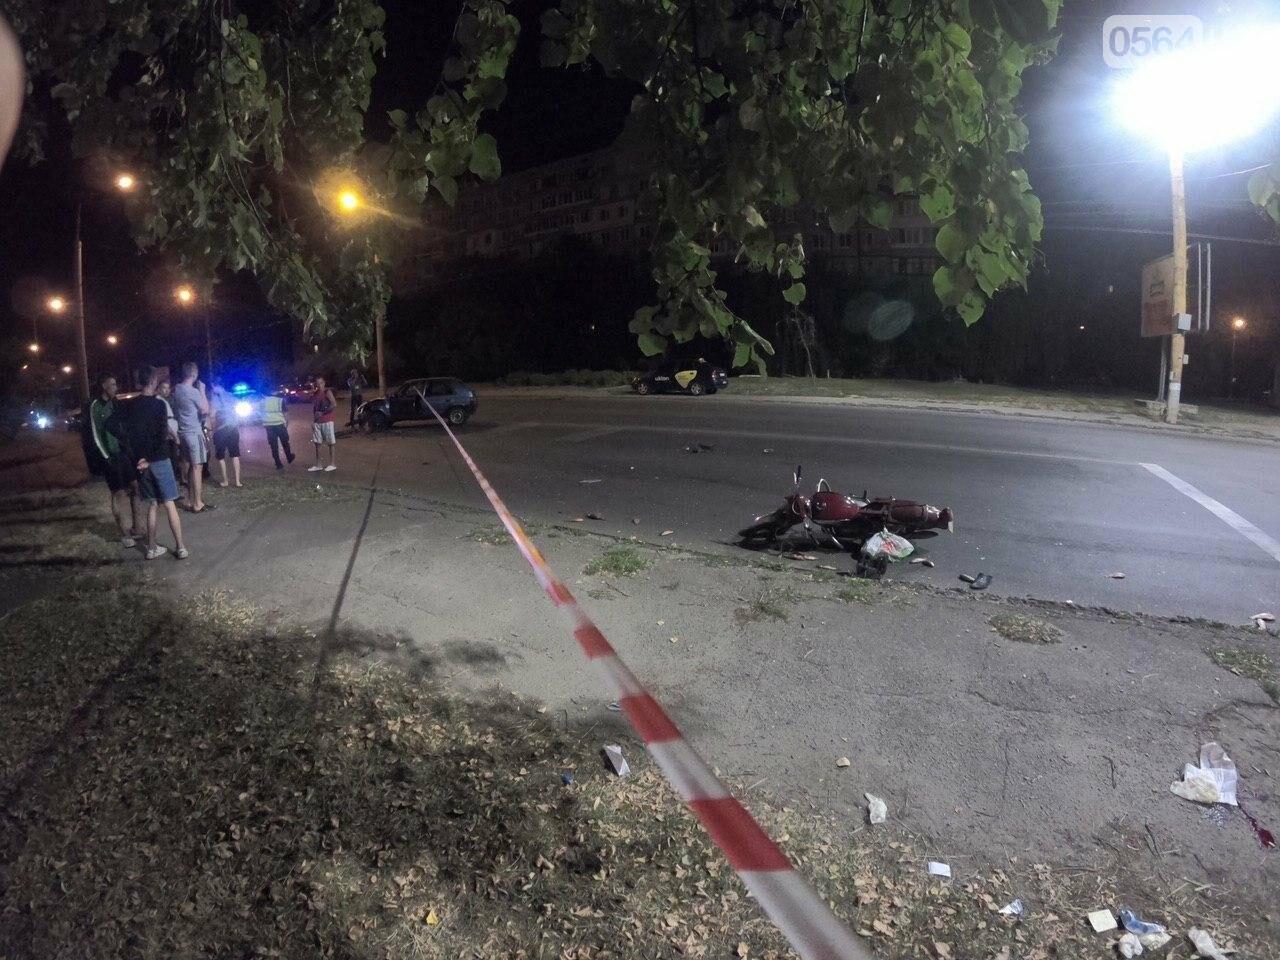 Ночью в Кривом Роге столкнулись легковой автомобиль и мотоцикл. Водитель мотоцикла госпитализирован, - ФОТО, фото-4